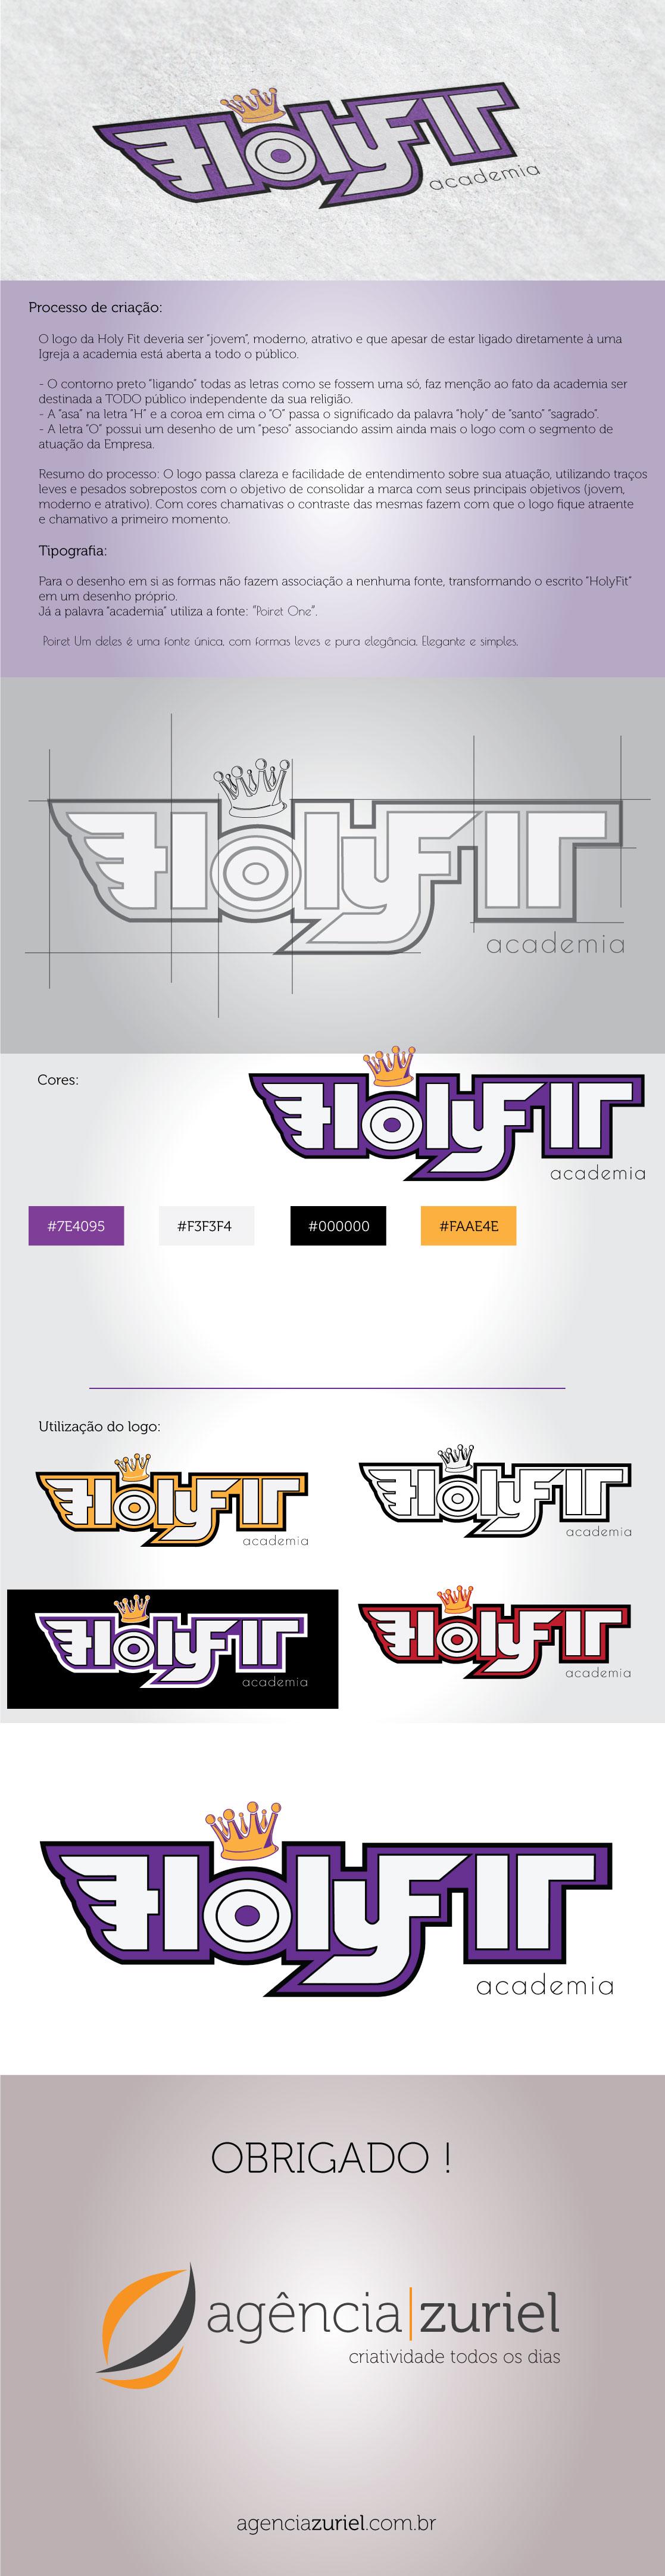 Criação do logo da HolyFit Academia - #brand #design #logodesign #identity #identidade #logo